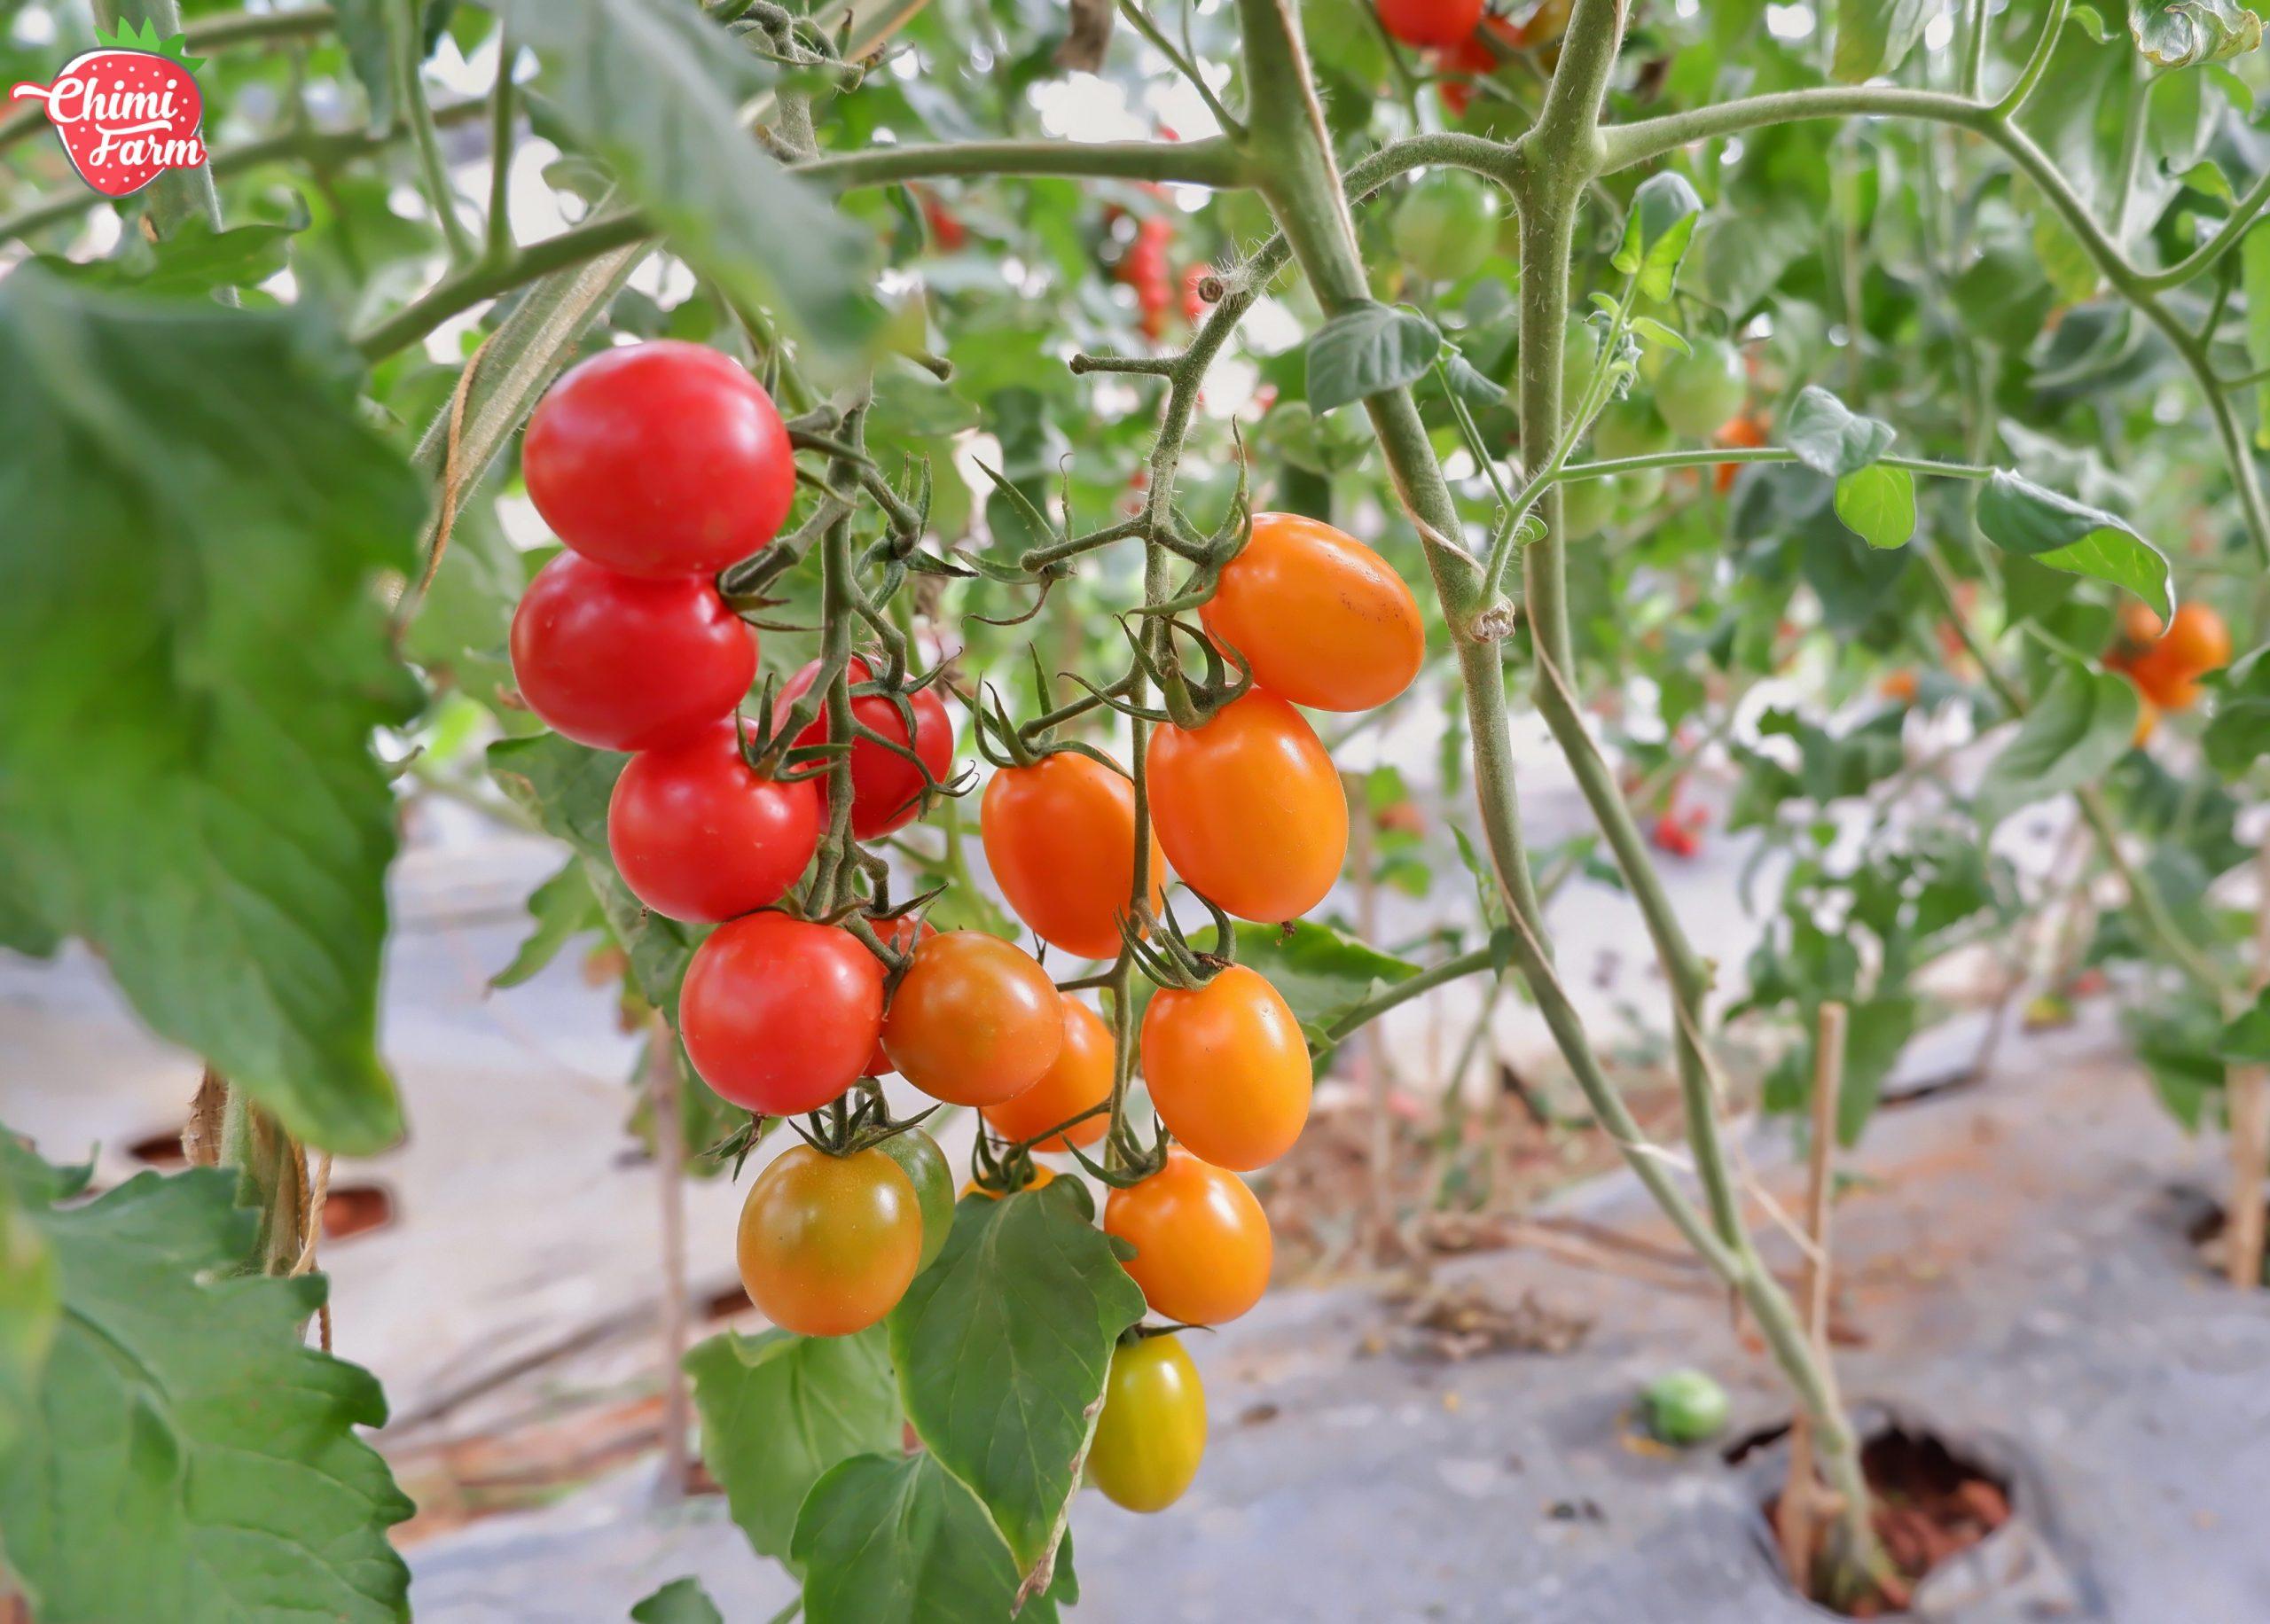 Công dụng của cà chua cherry với sức khỏe